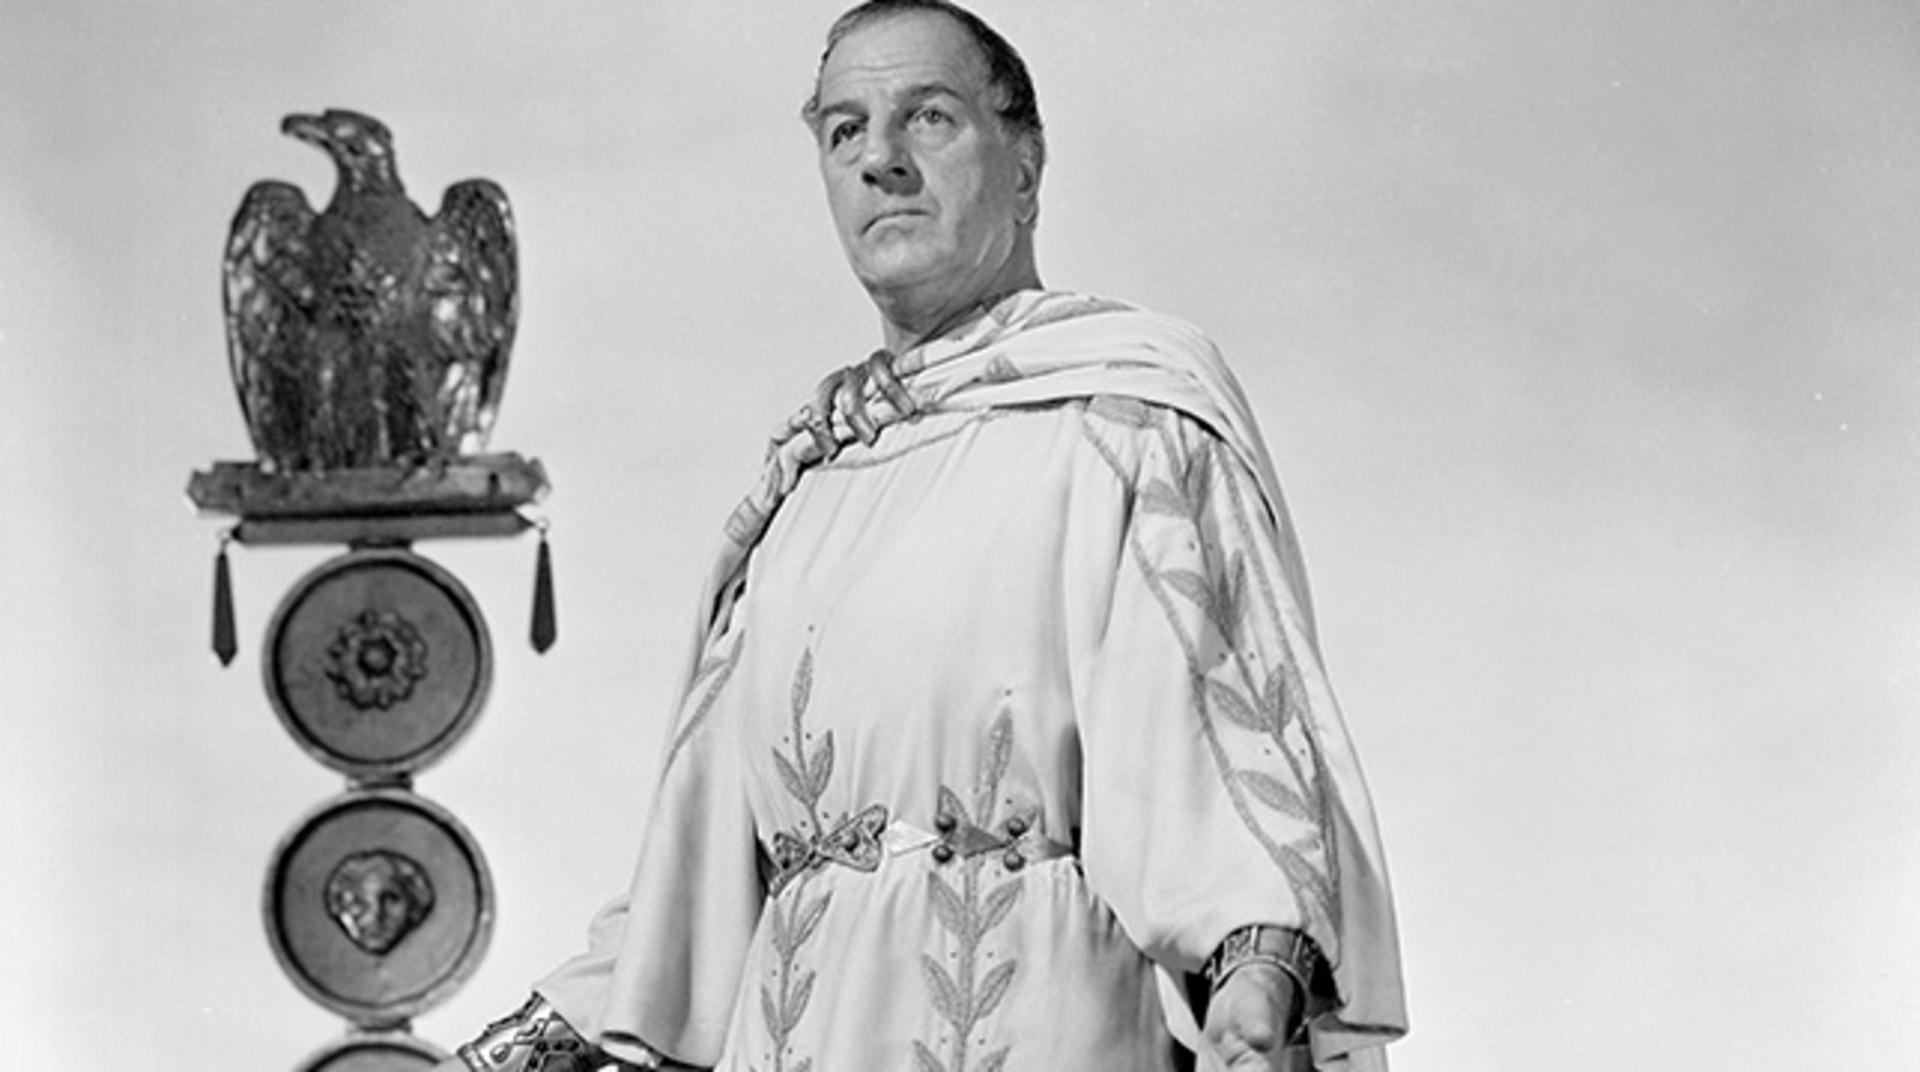 Julius Caesar - Image 6